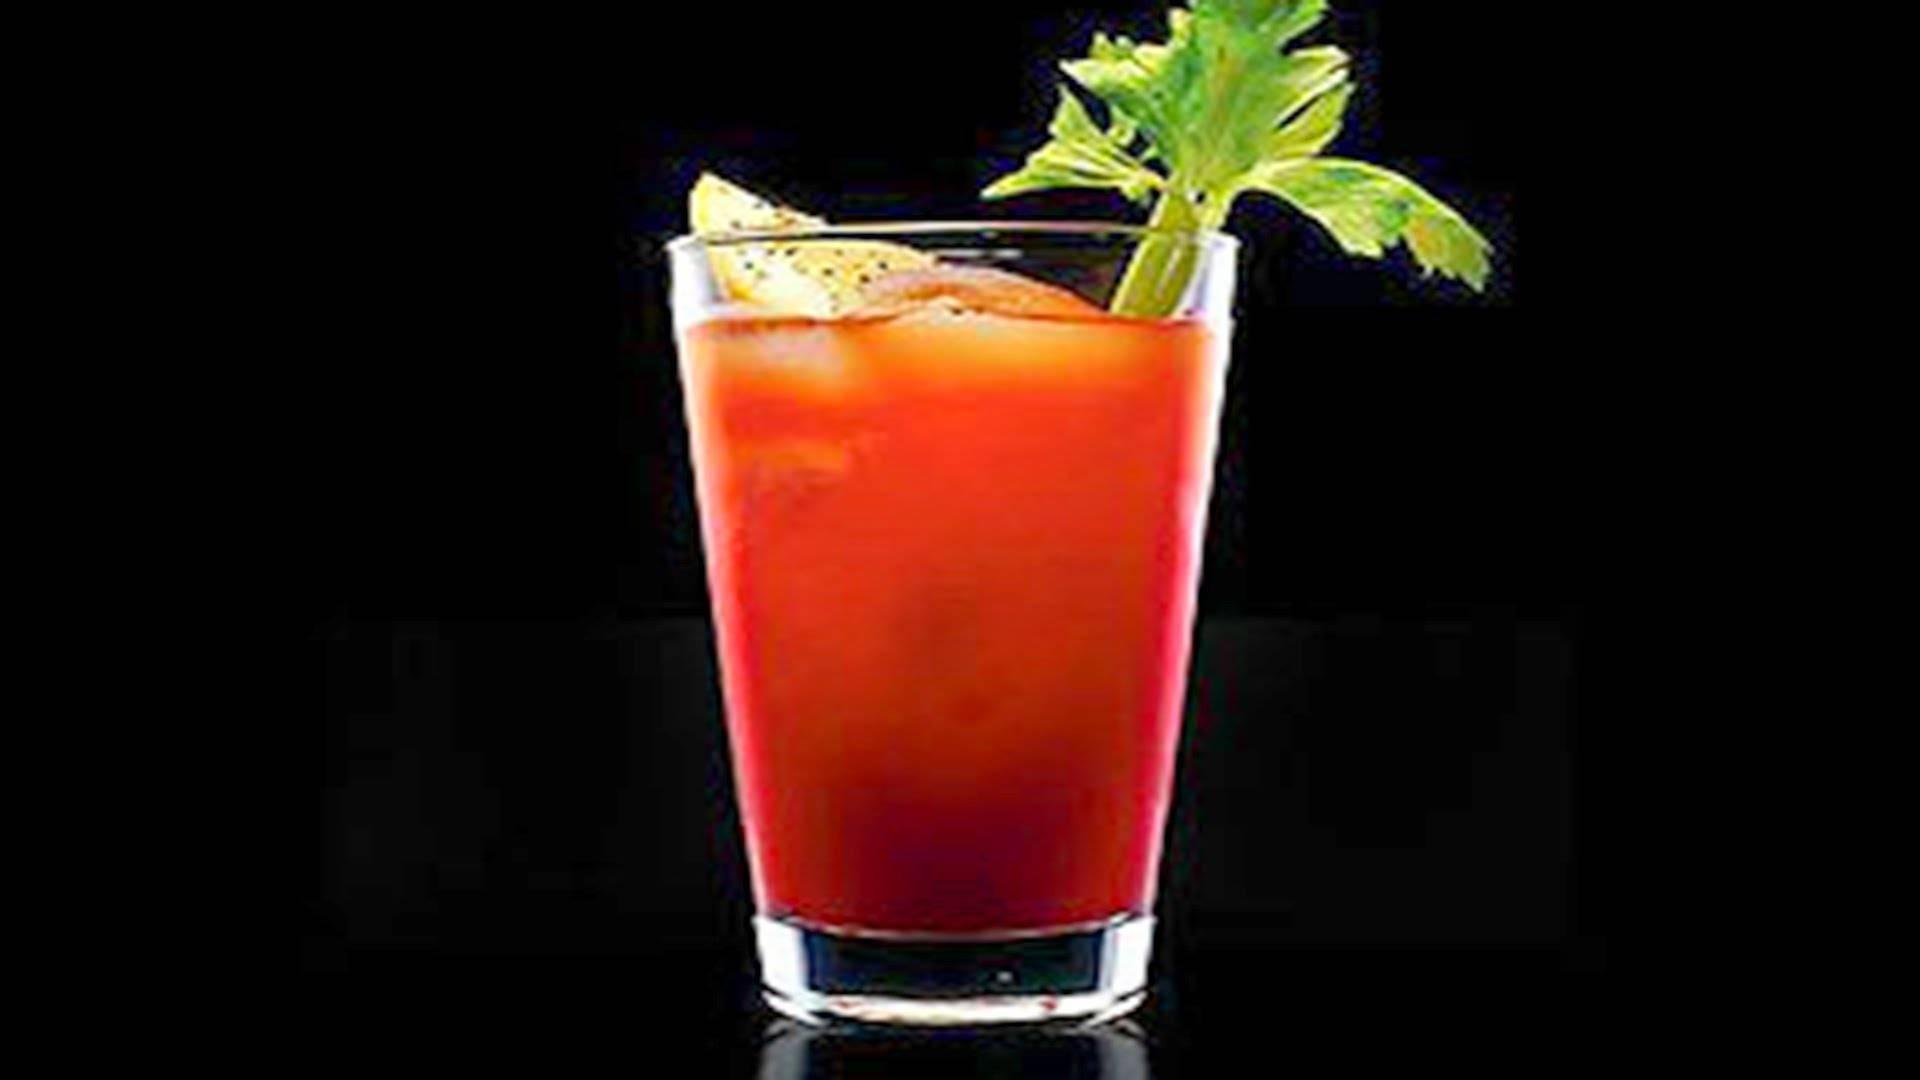 Про водку с томатным соком и другие алкогольные коктейли